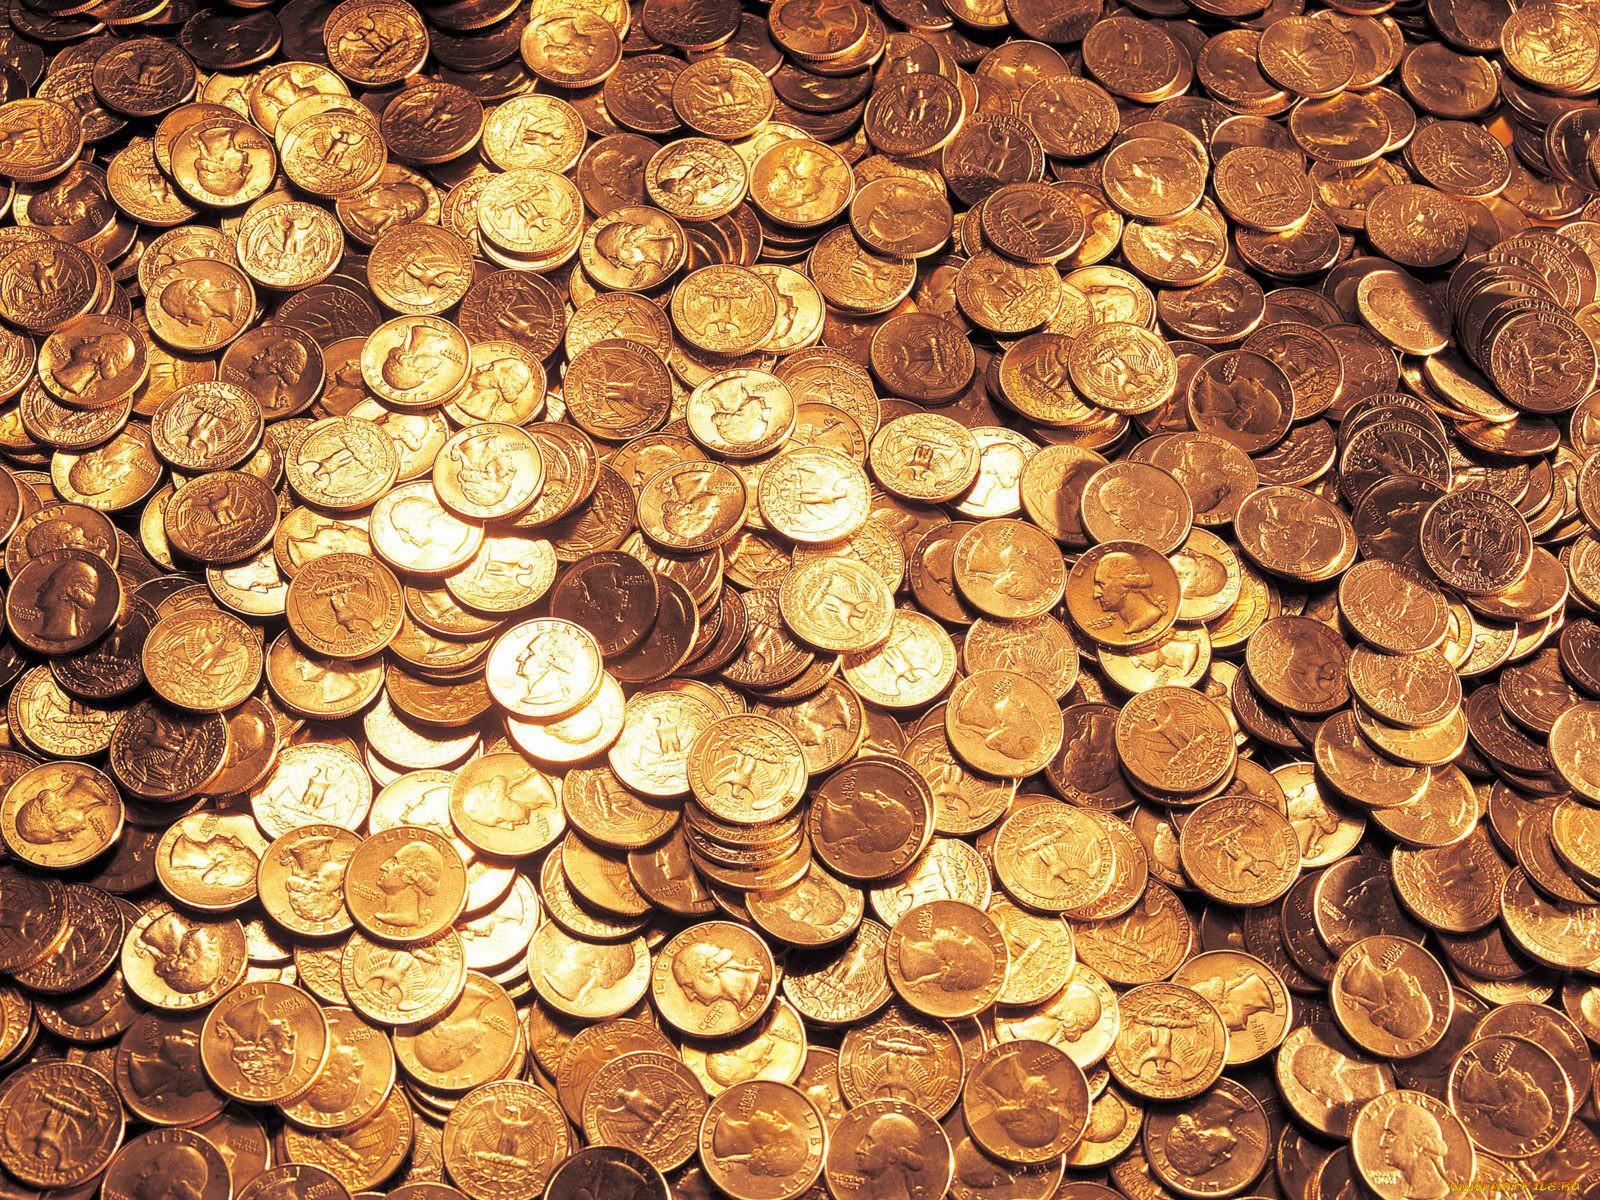 картинка монет много любите нежные, сочные